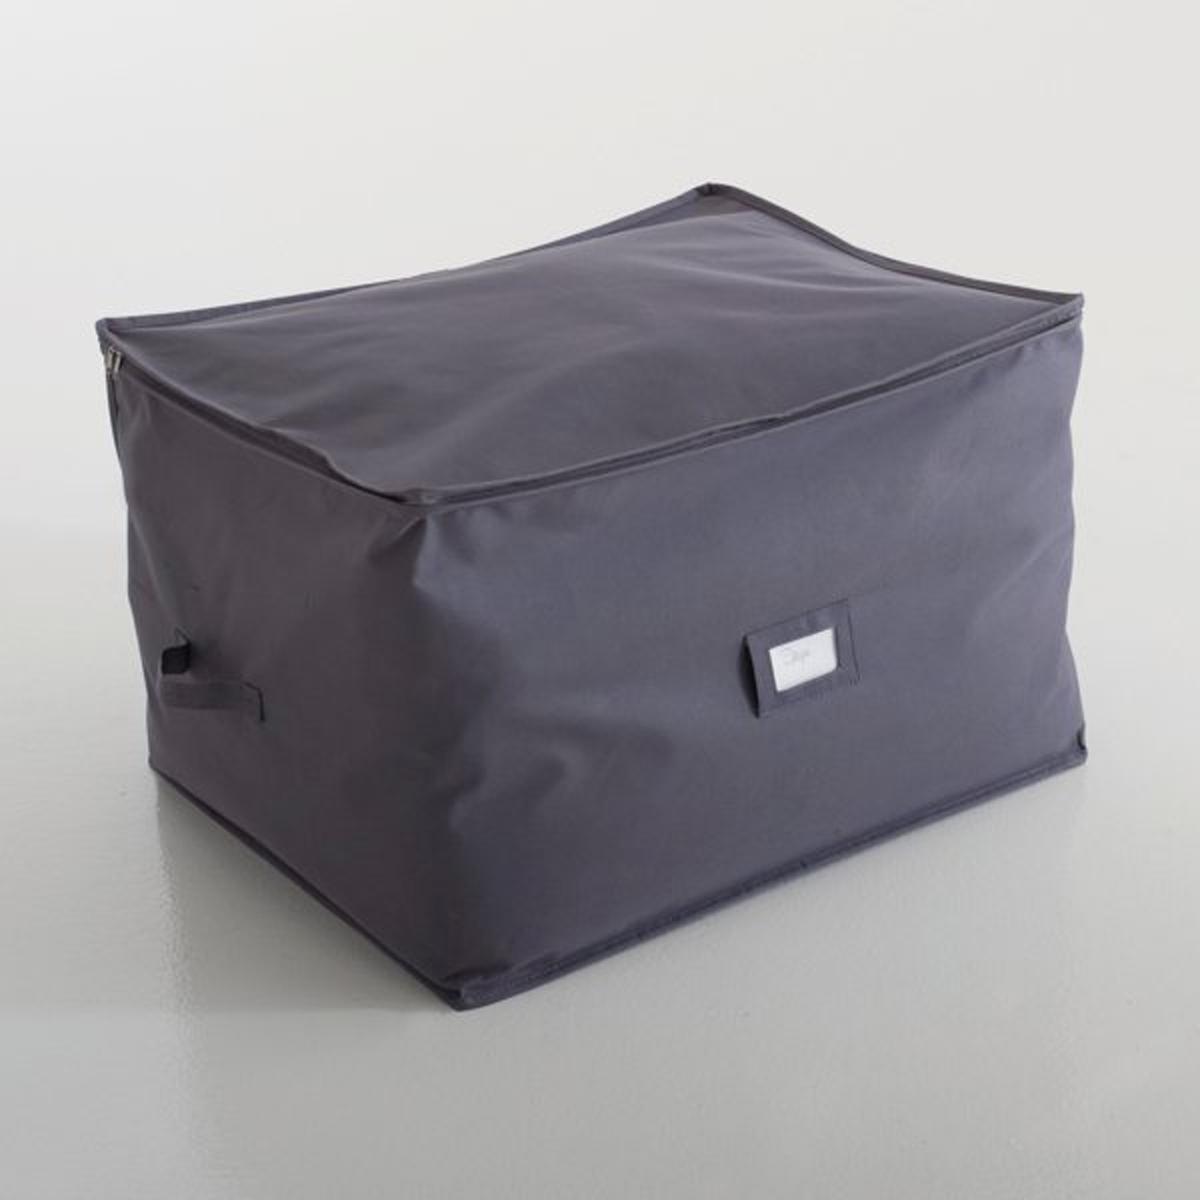 Чехол для хранения, Ш.60 x В.50 x Г.40 смЧехол для хранения. Идеален для хранения одеял, покрывал и подушек. Легко убирается под кровать или под шкаф.Характеристики чехла для хранения:полиэстер 290 г/м?.Ручки для переноски и место для бирки.Размеры чехла для хранения:Ш.60 x В.50 x Г.40 см.<br><br>Цвет: серо-коричневый каштан<br>Размер: единый размер